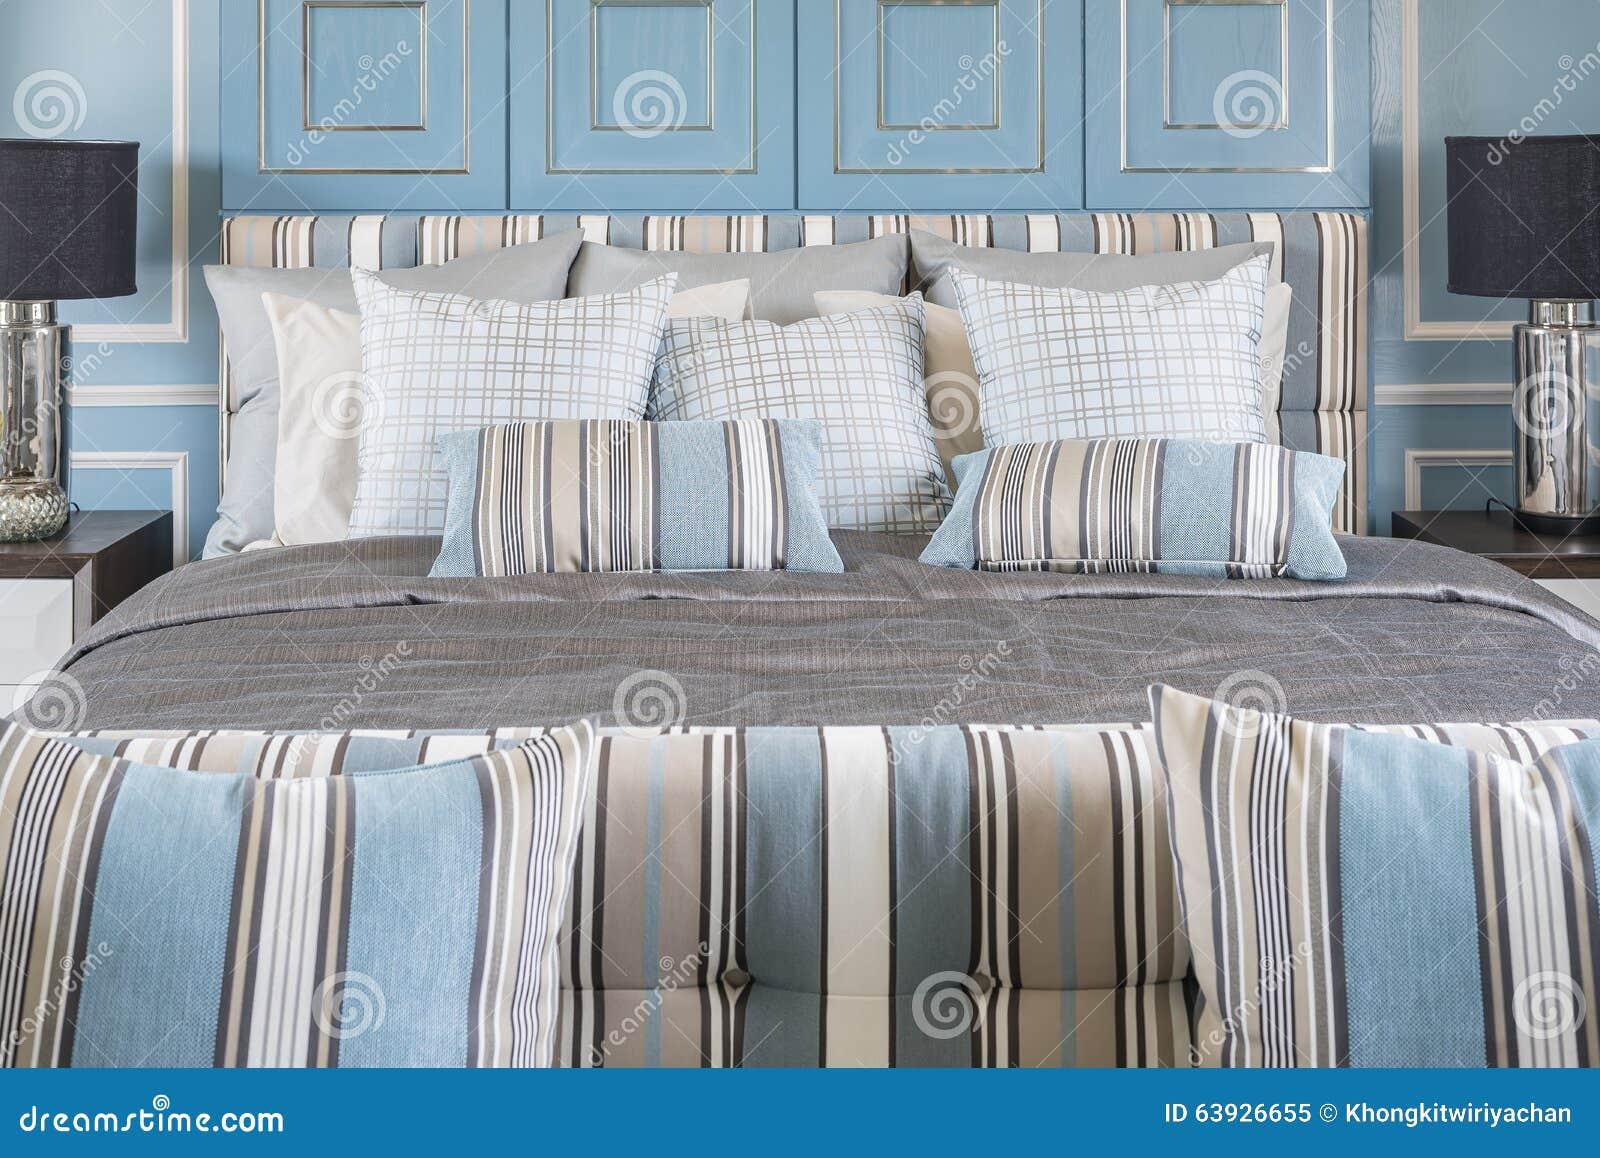 Blauwe Hoofdkussens Op Luxebed In Blauwe Slaapkamer Stock Foto ...